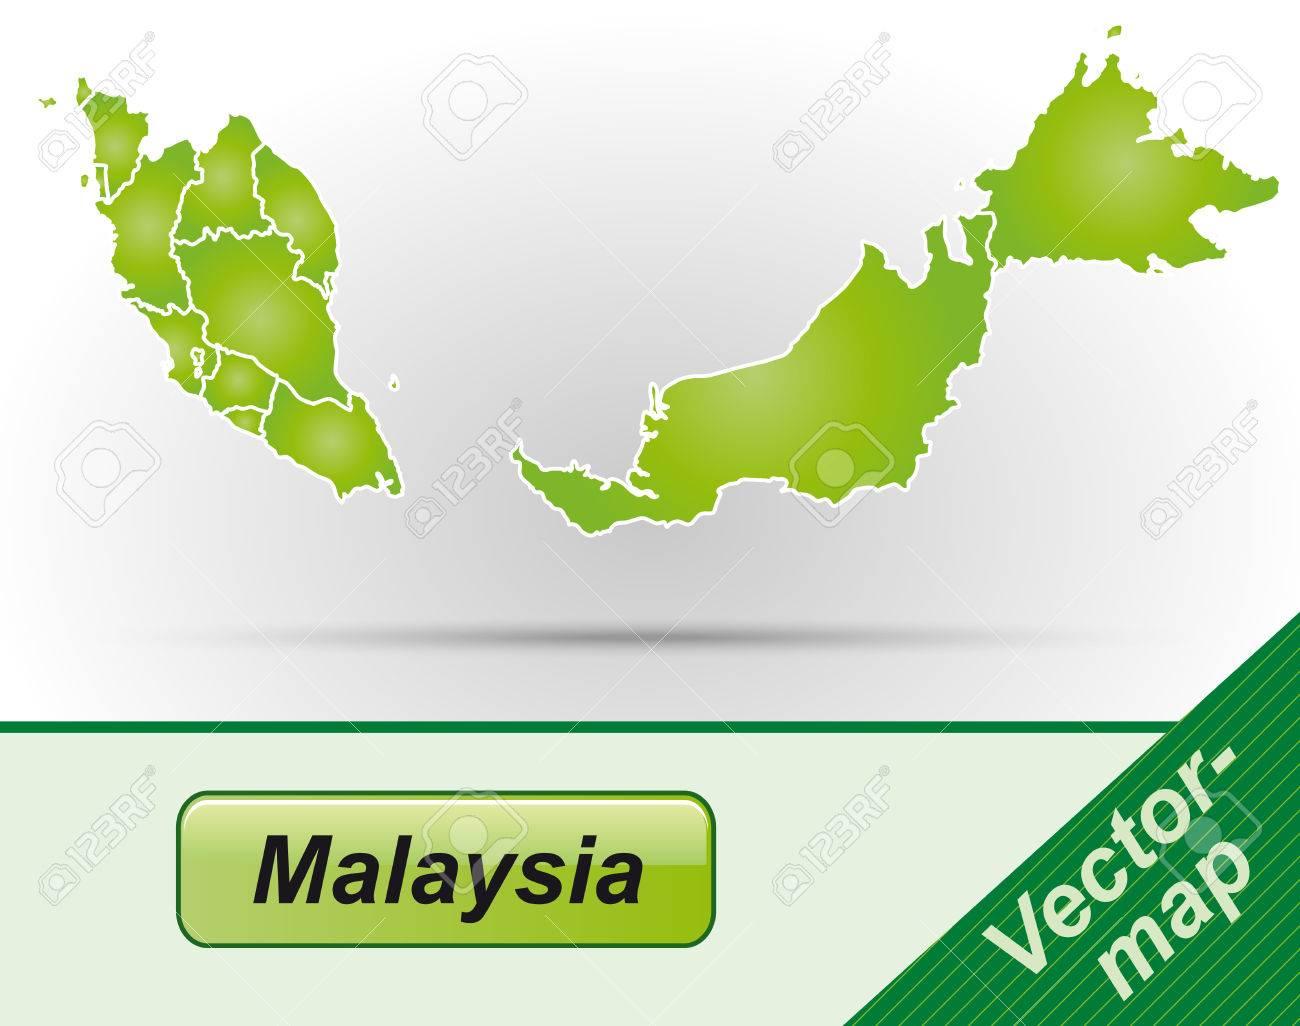 Karte Von Malaysia Mit Rahmen In Grün Lizenzfrei Nutzbare ...